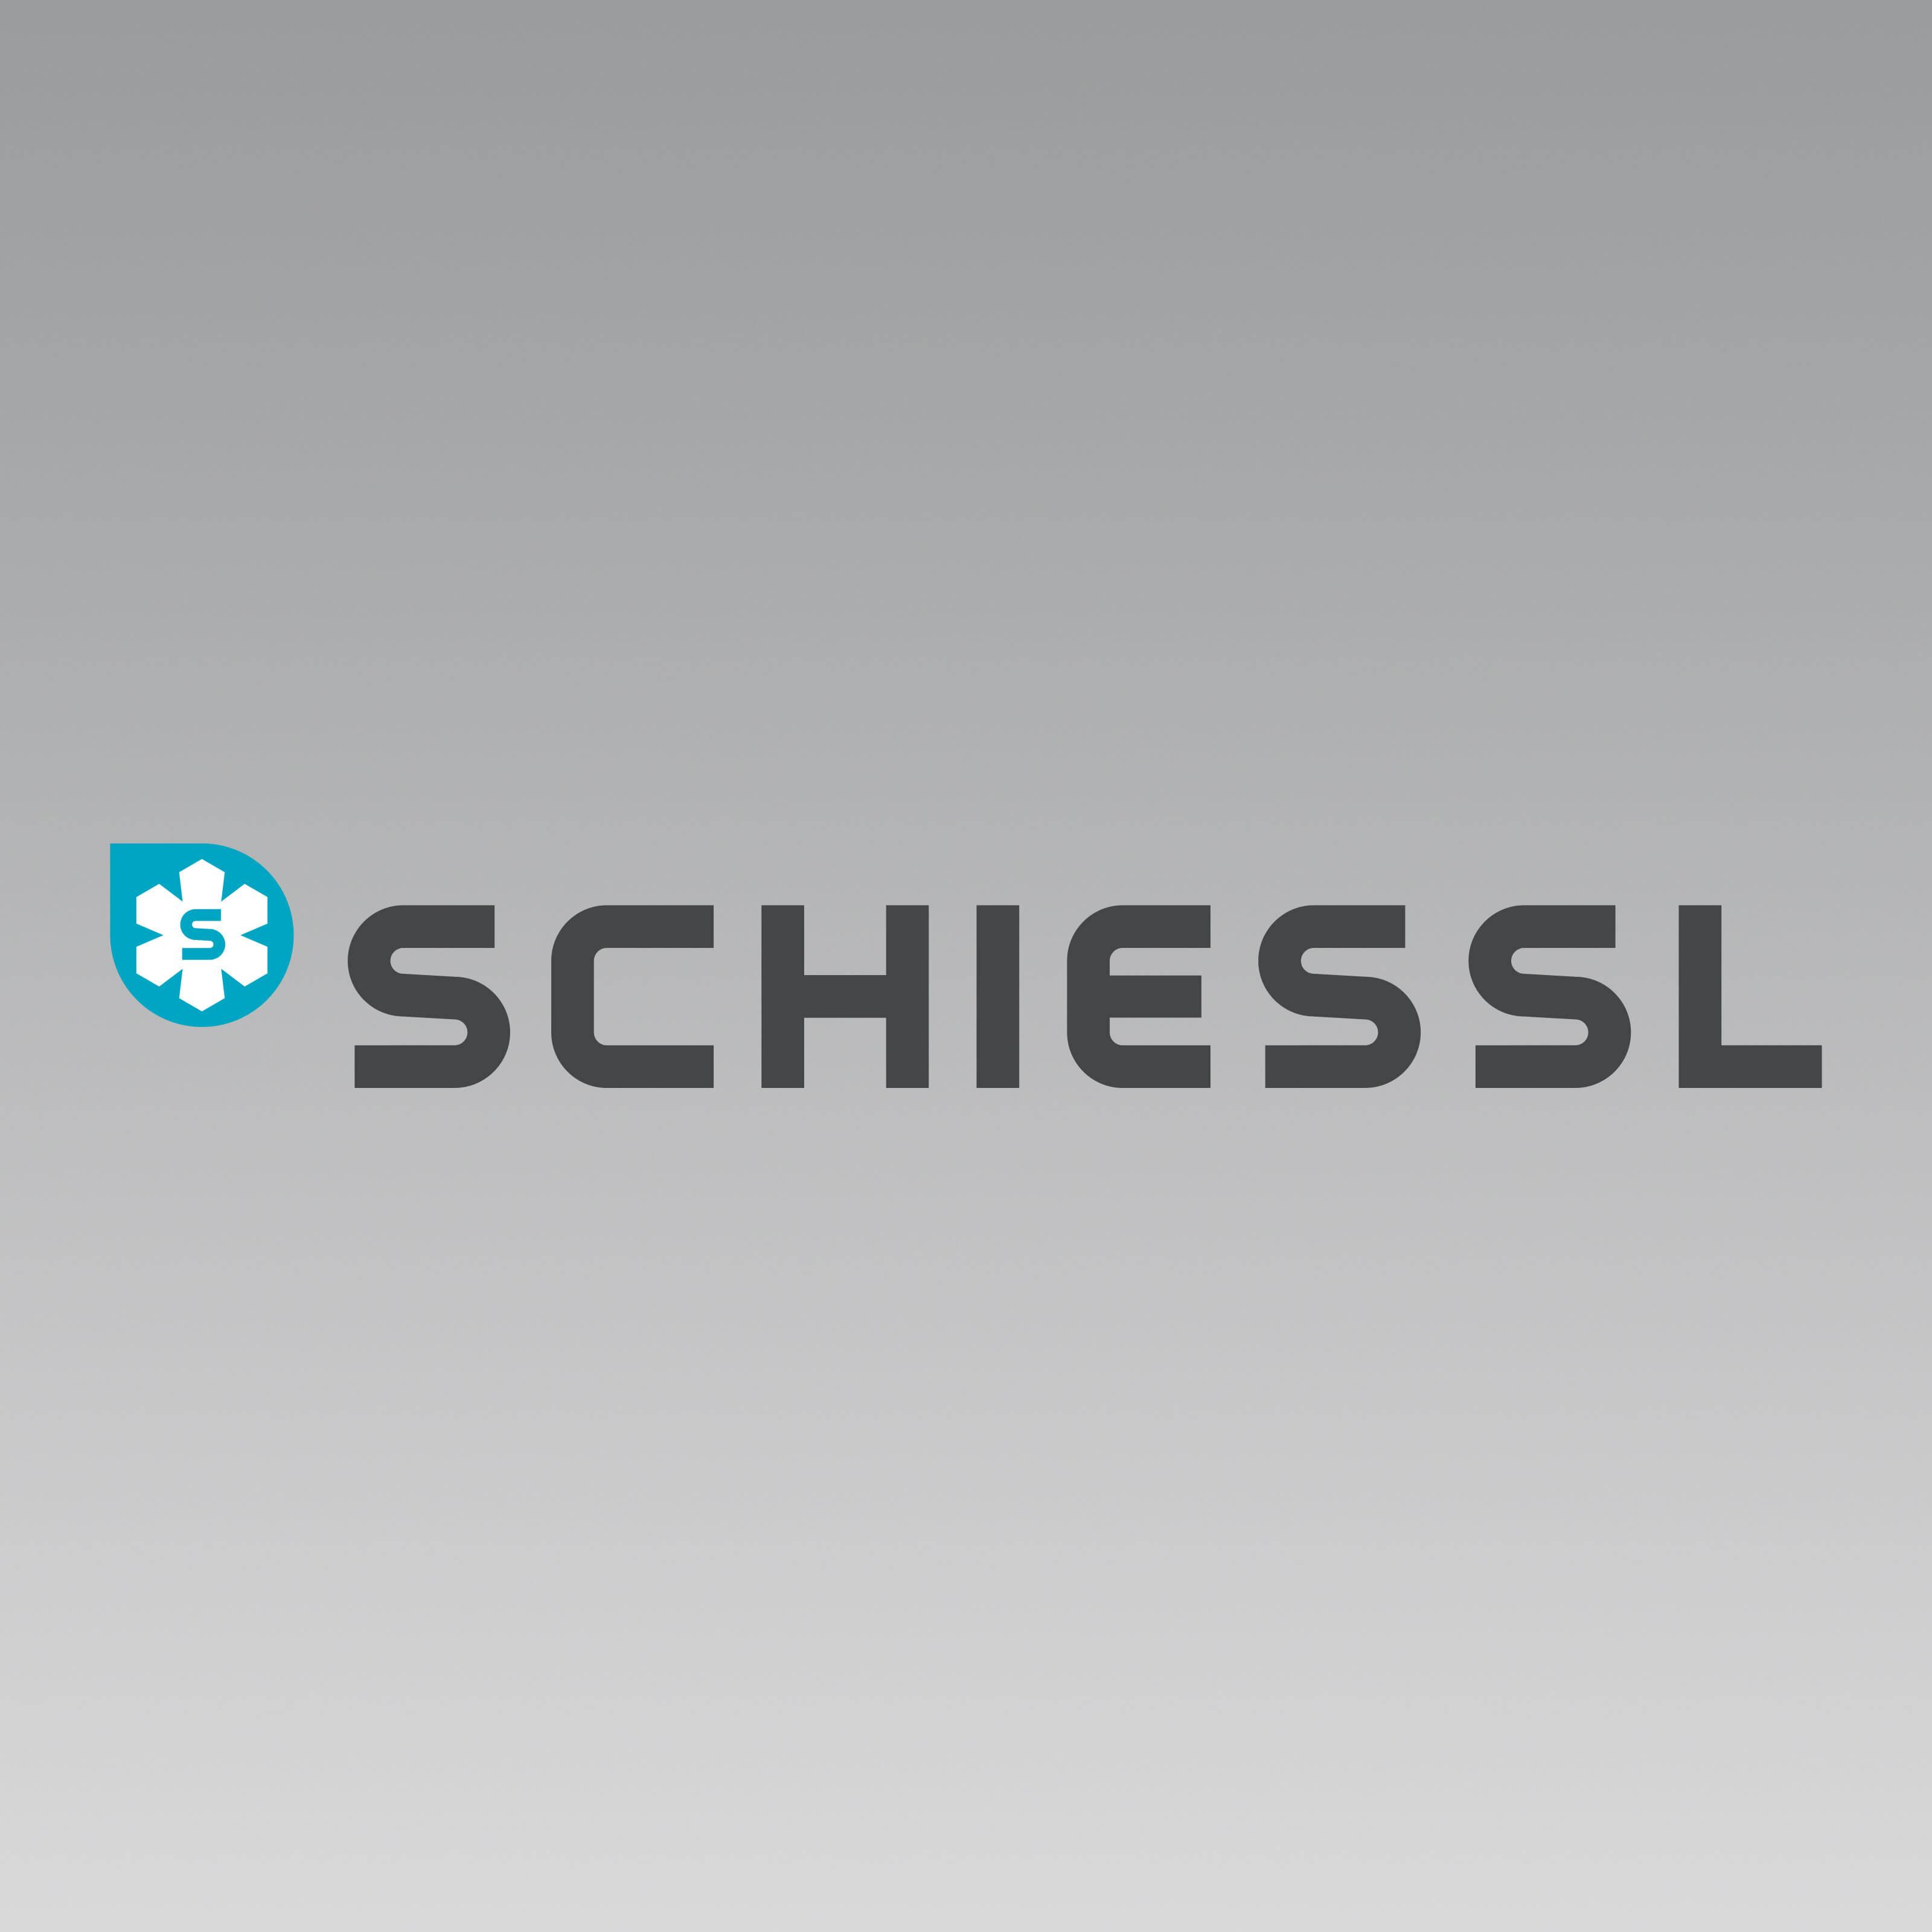 Schiessl Logo